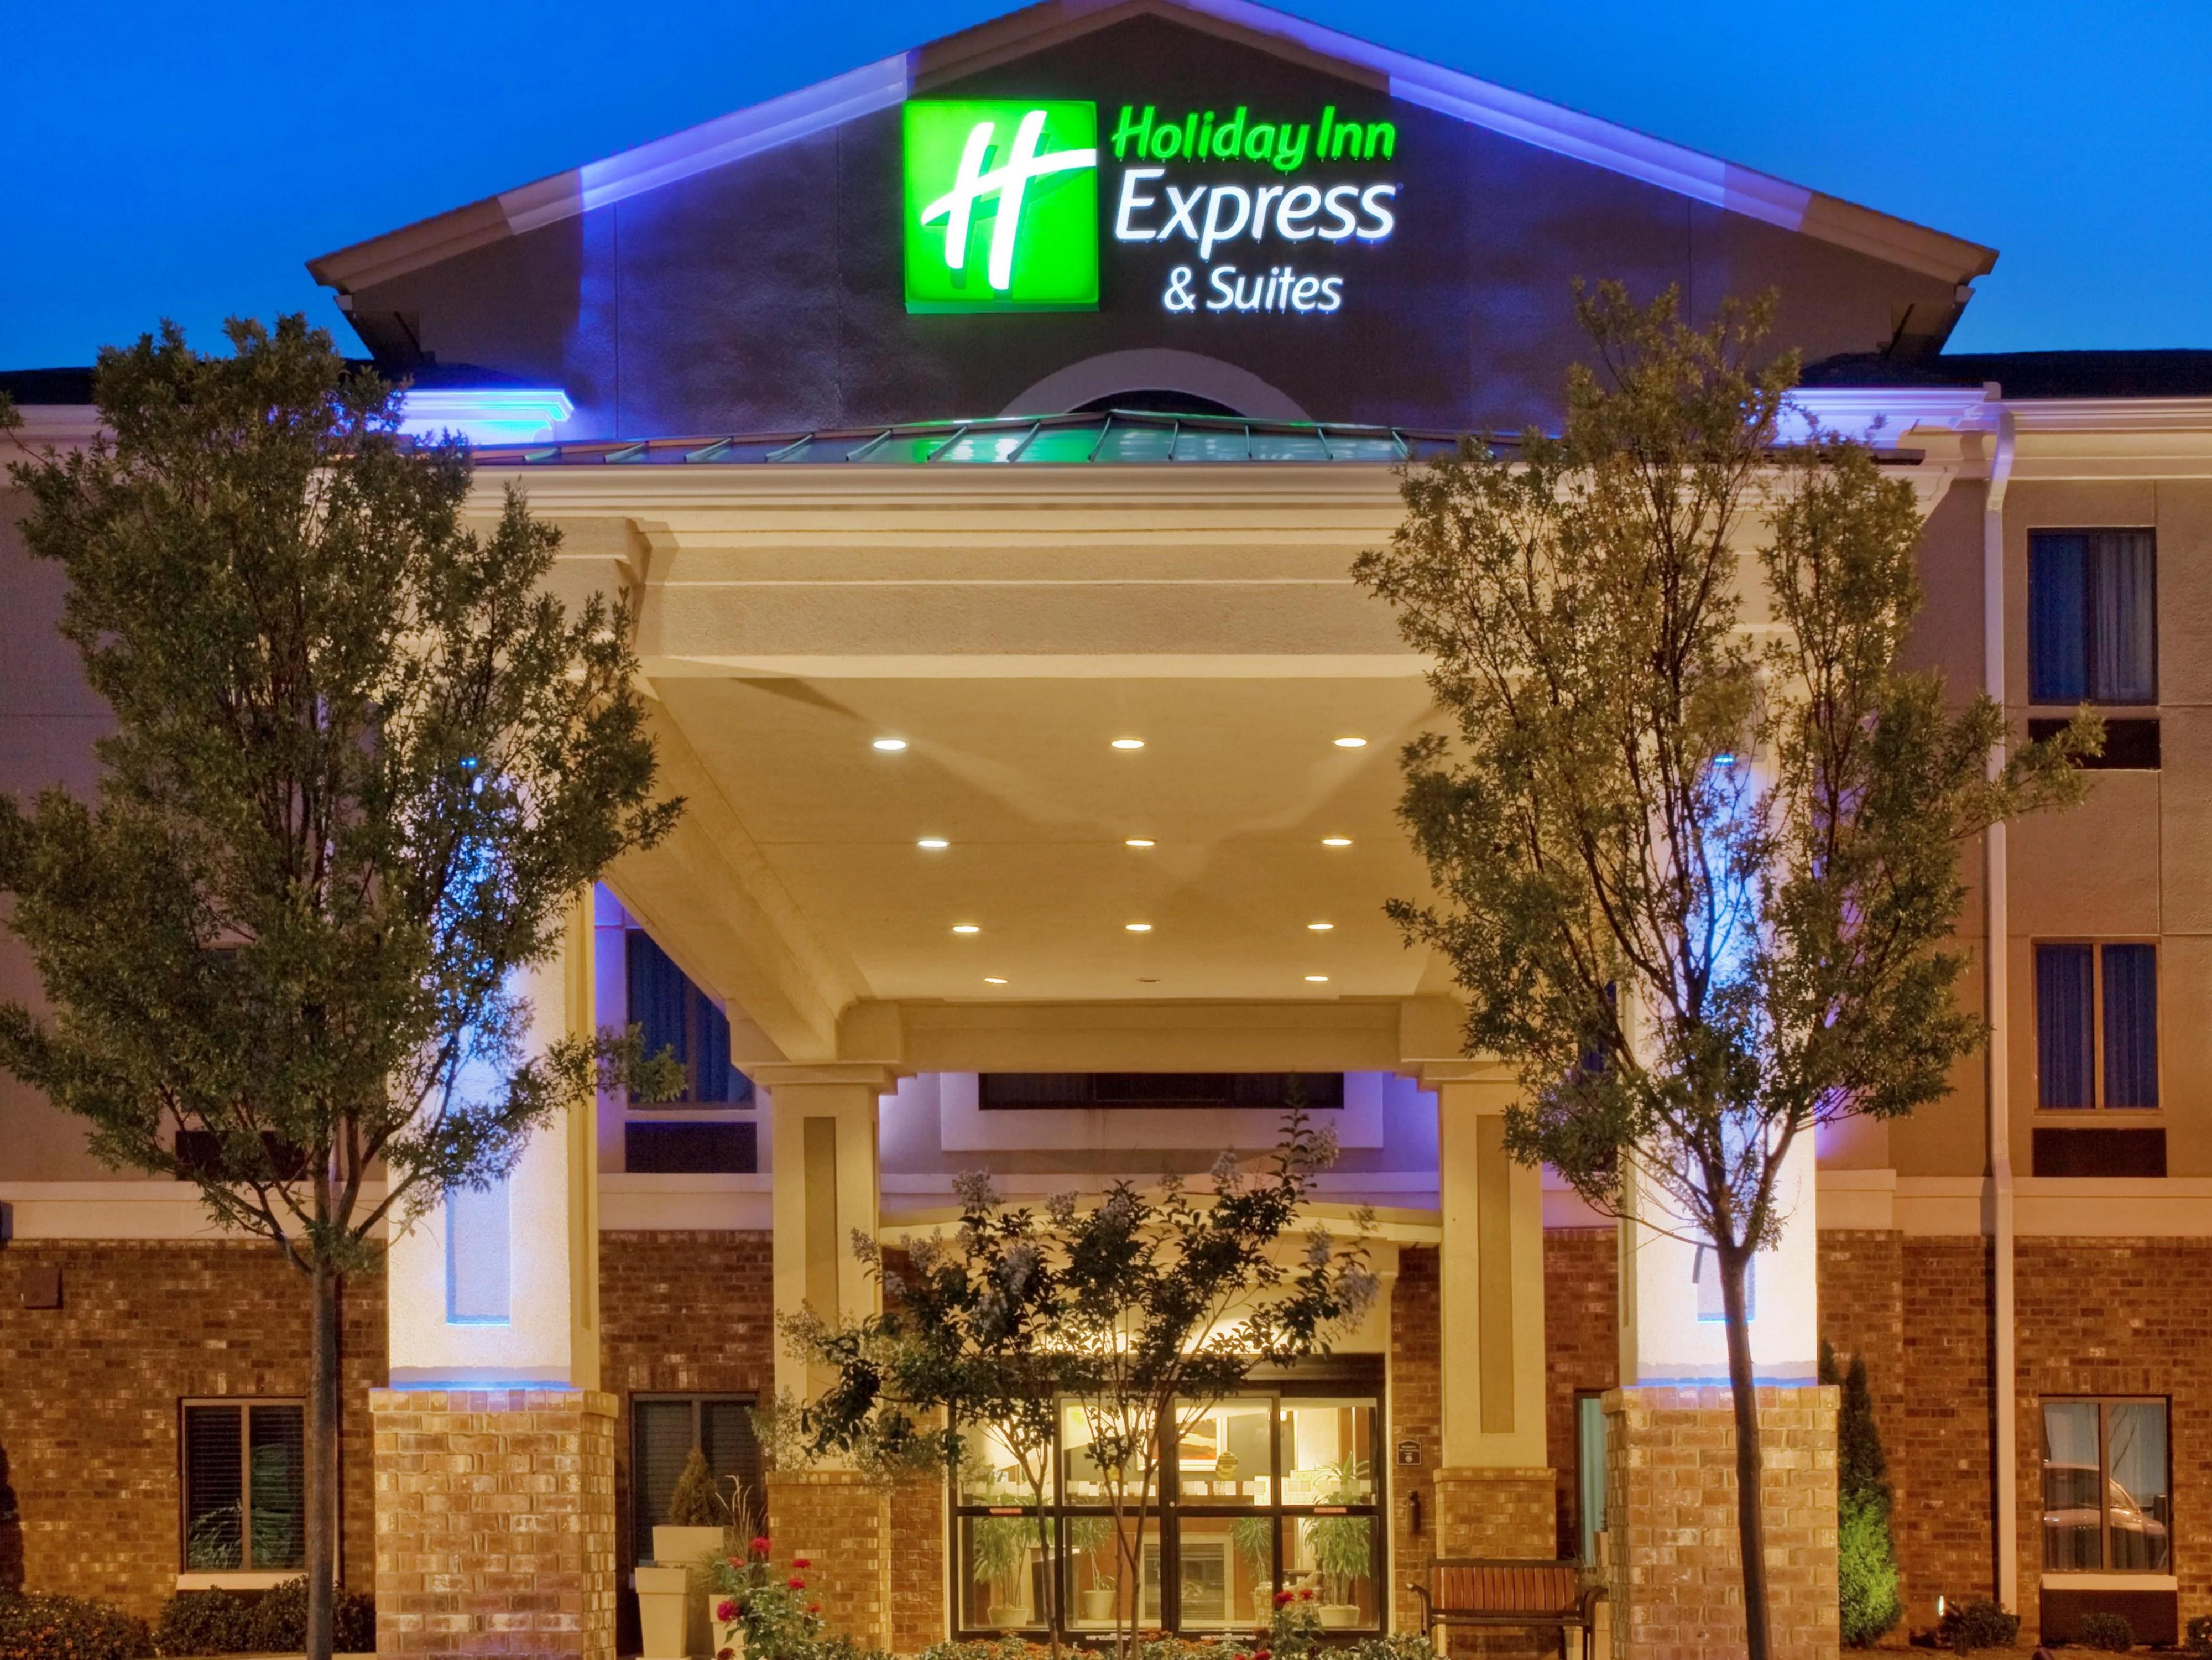 Holiday Inn Express Suites Atlanta Nw Powder Springs